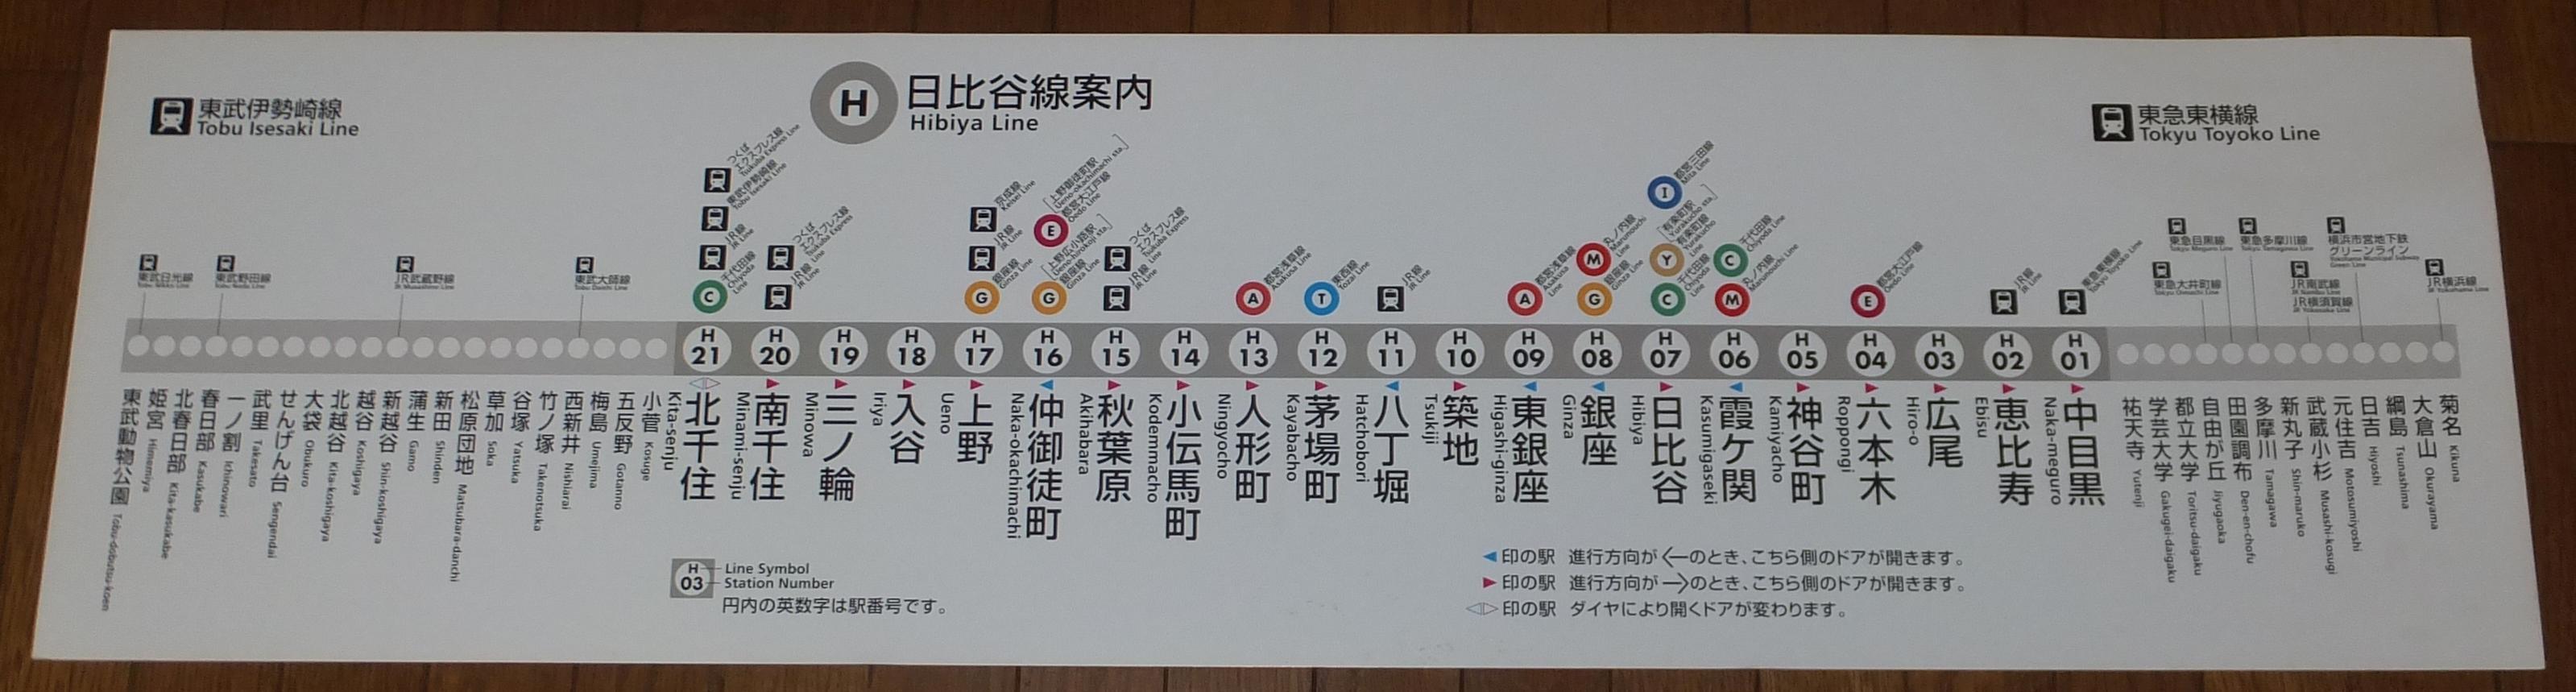 有楽町 線 路線 図